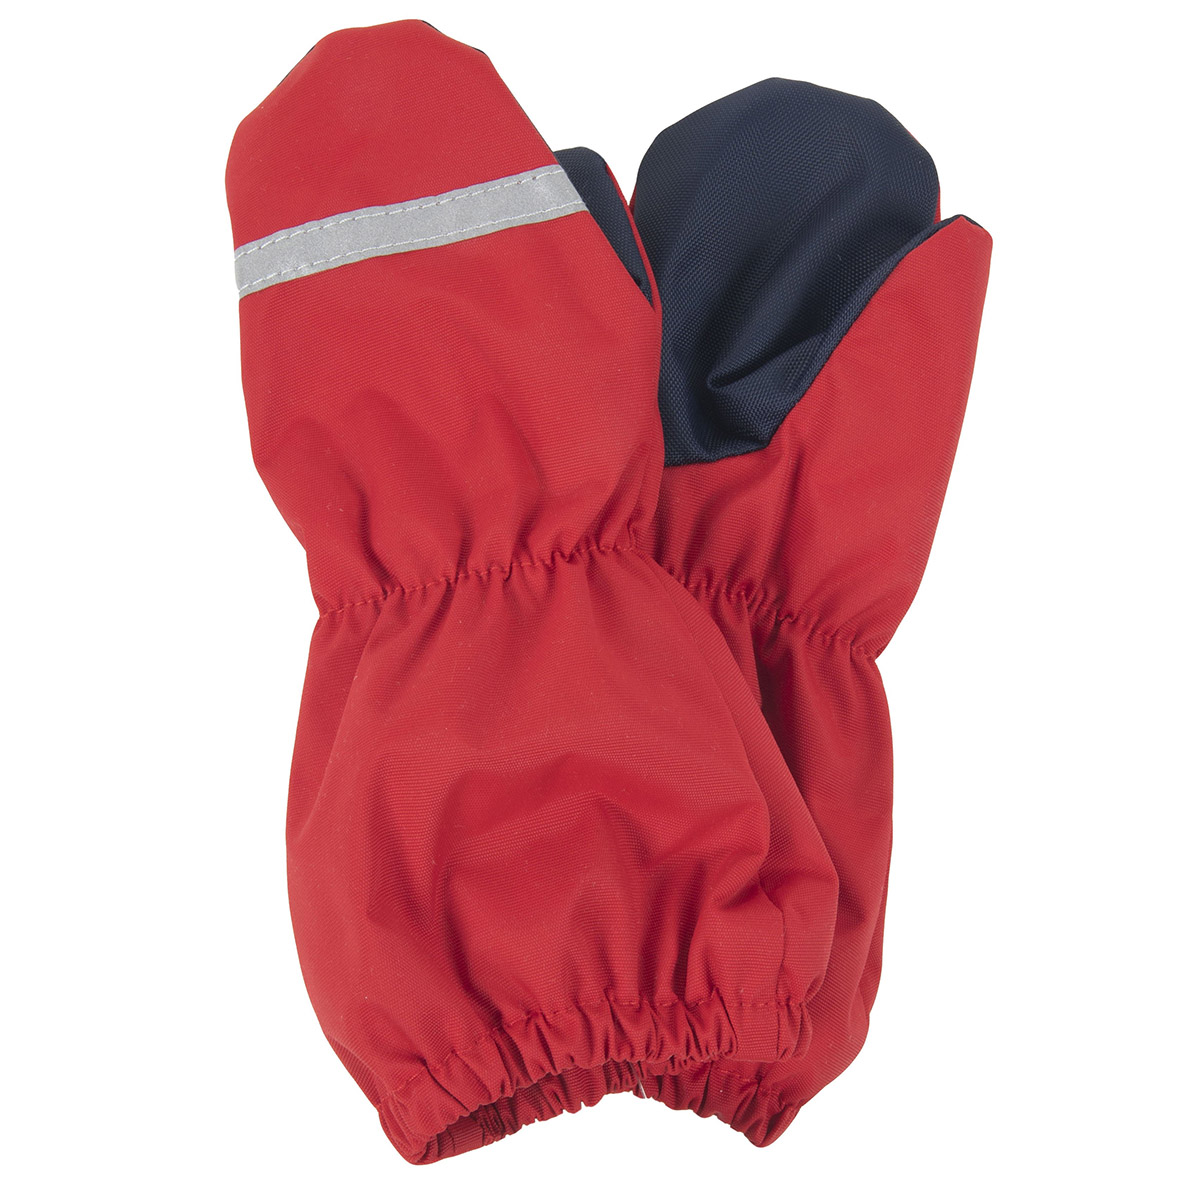 Рукавицы RAIN Kerry, Размер 3, Цвет 622-красный K20173-622_3